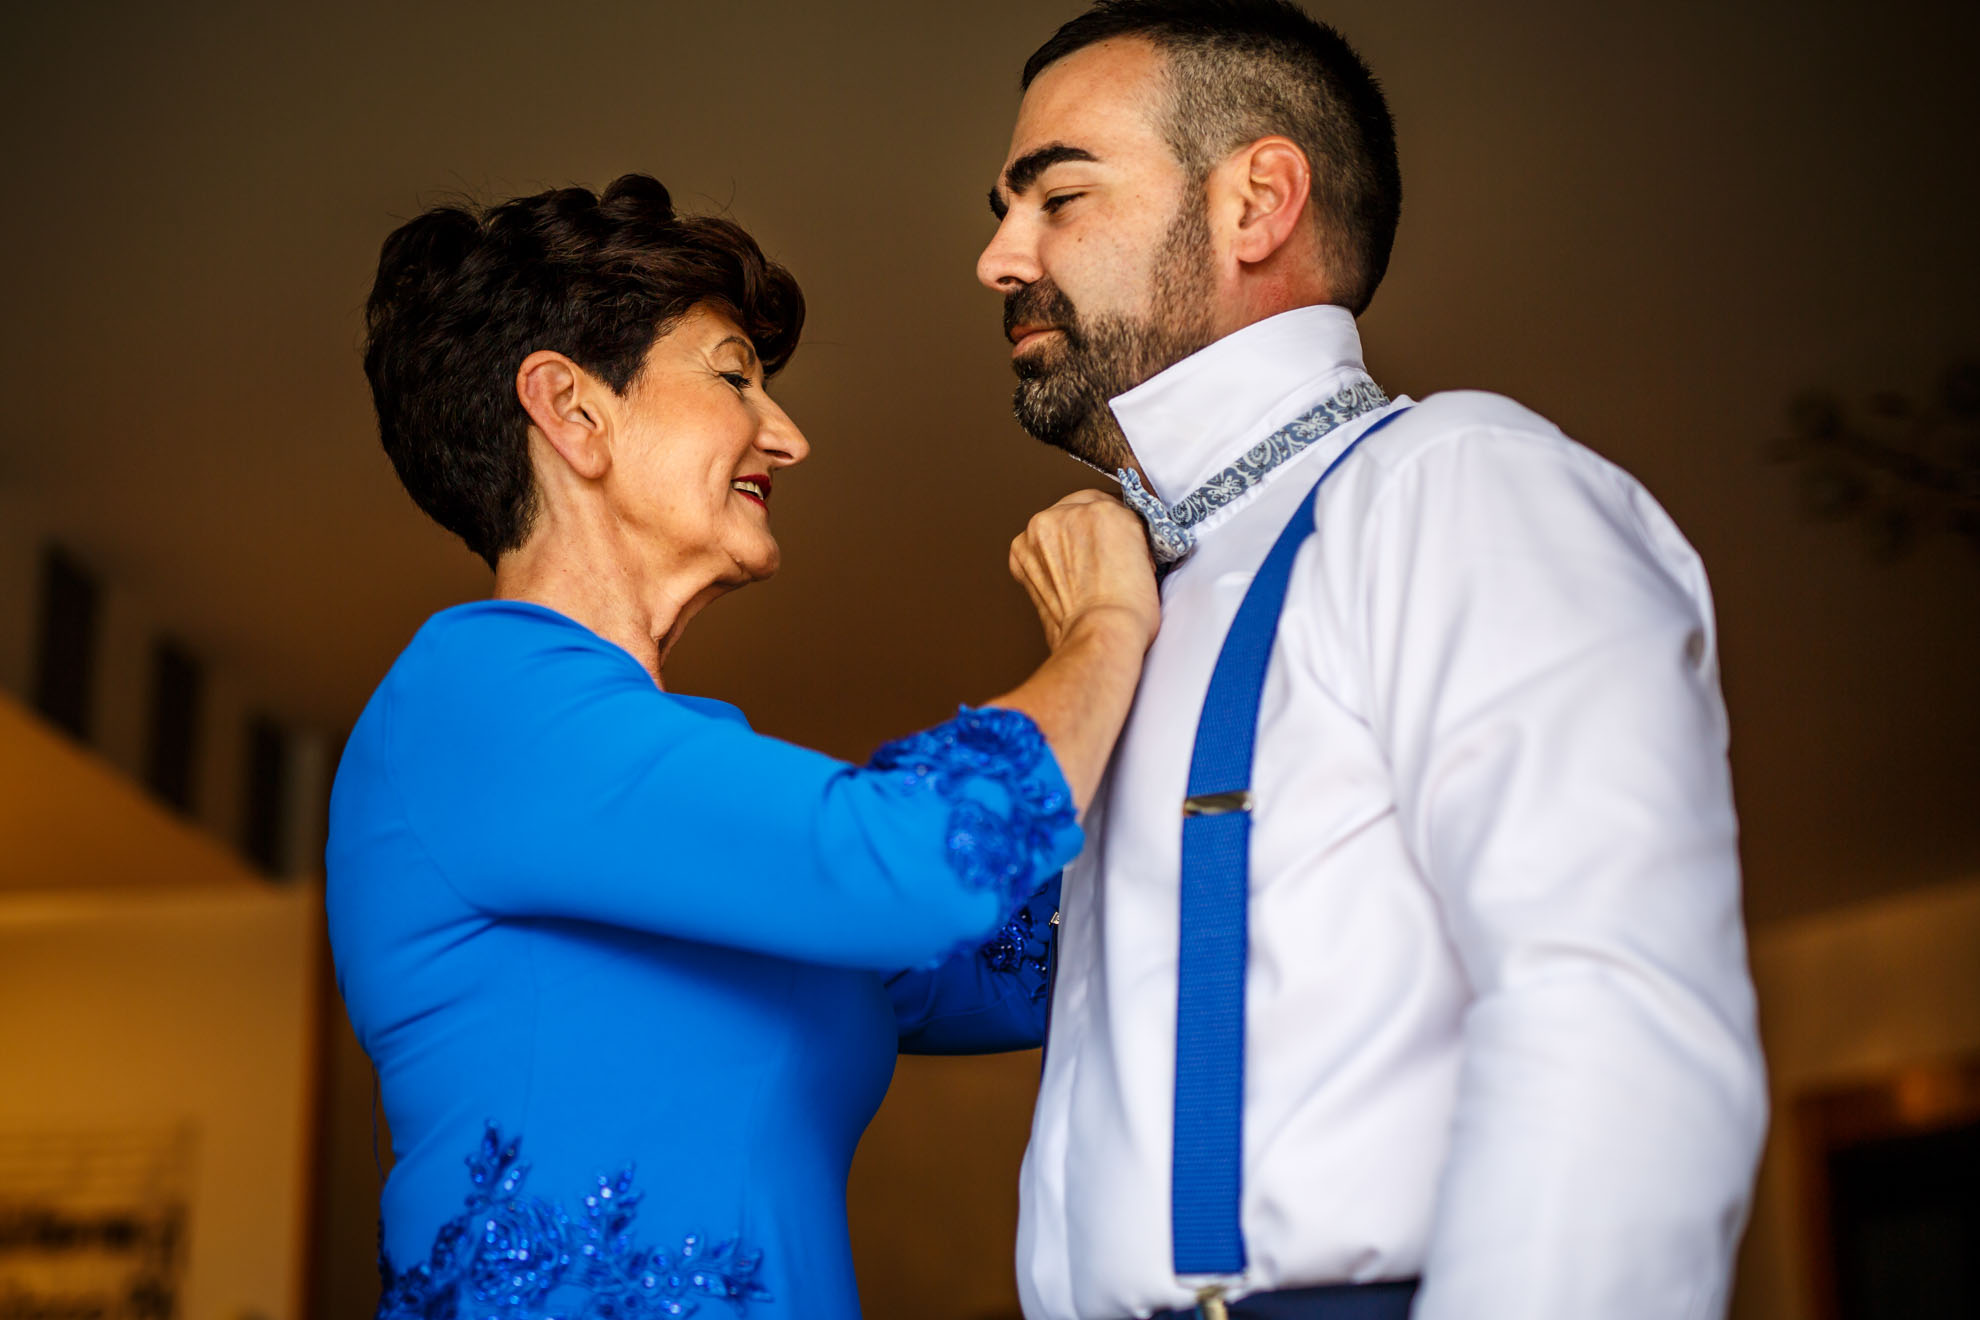 madre le abrocha la camisa y pajarita a su hijo